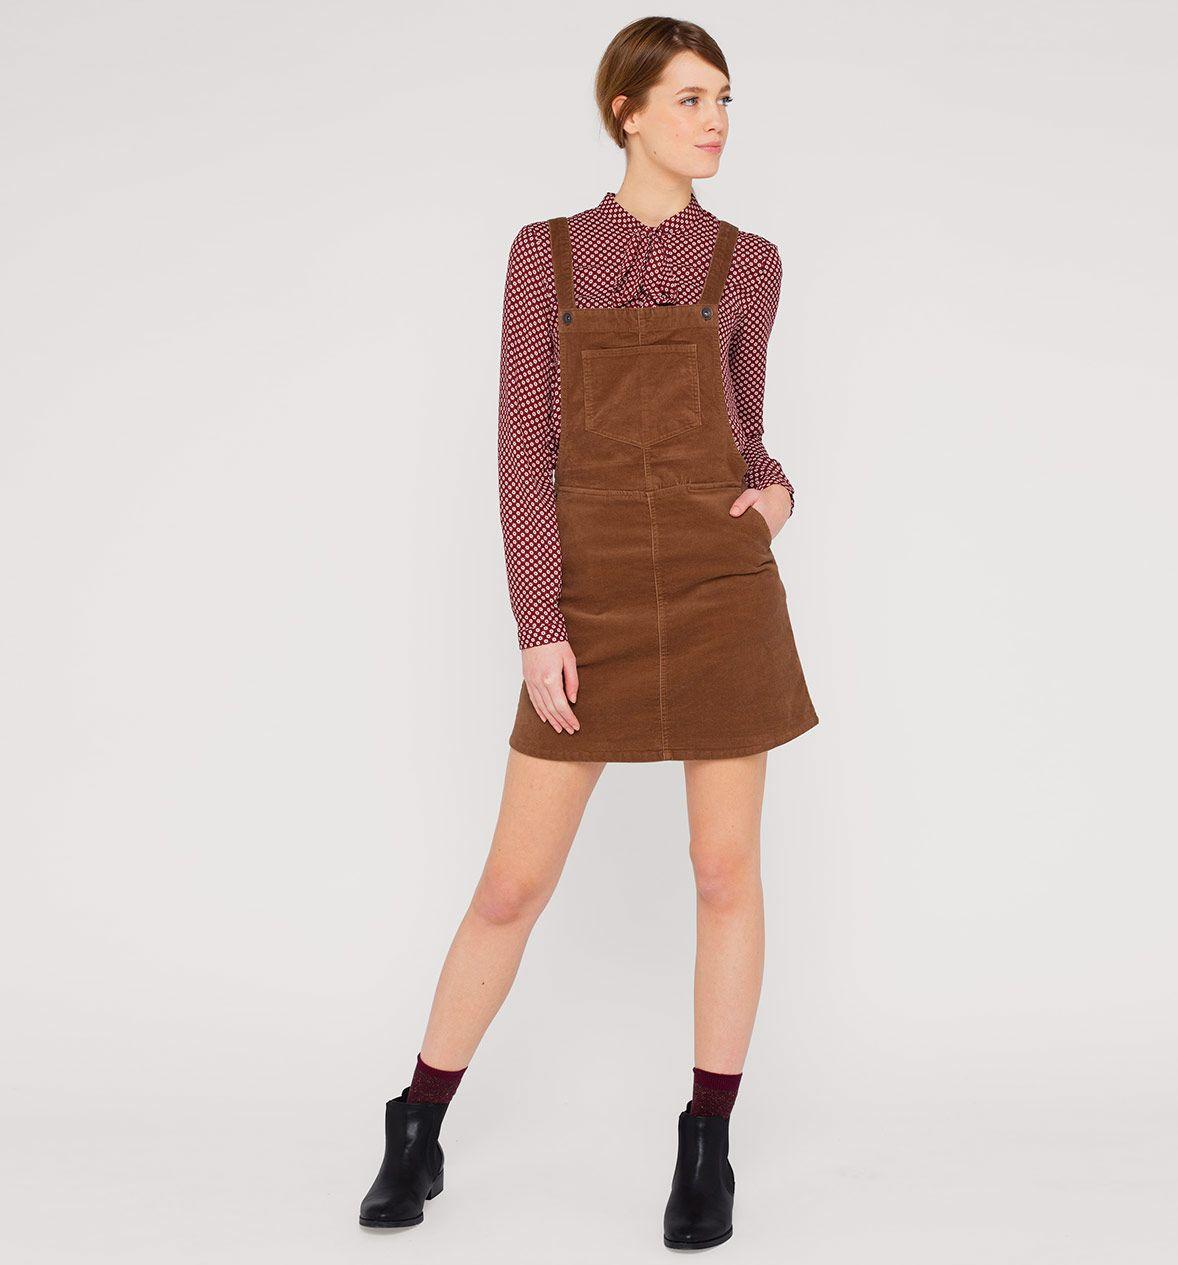 clockhouse latzkleid aus cord in braun - mode günstig online